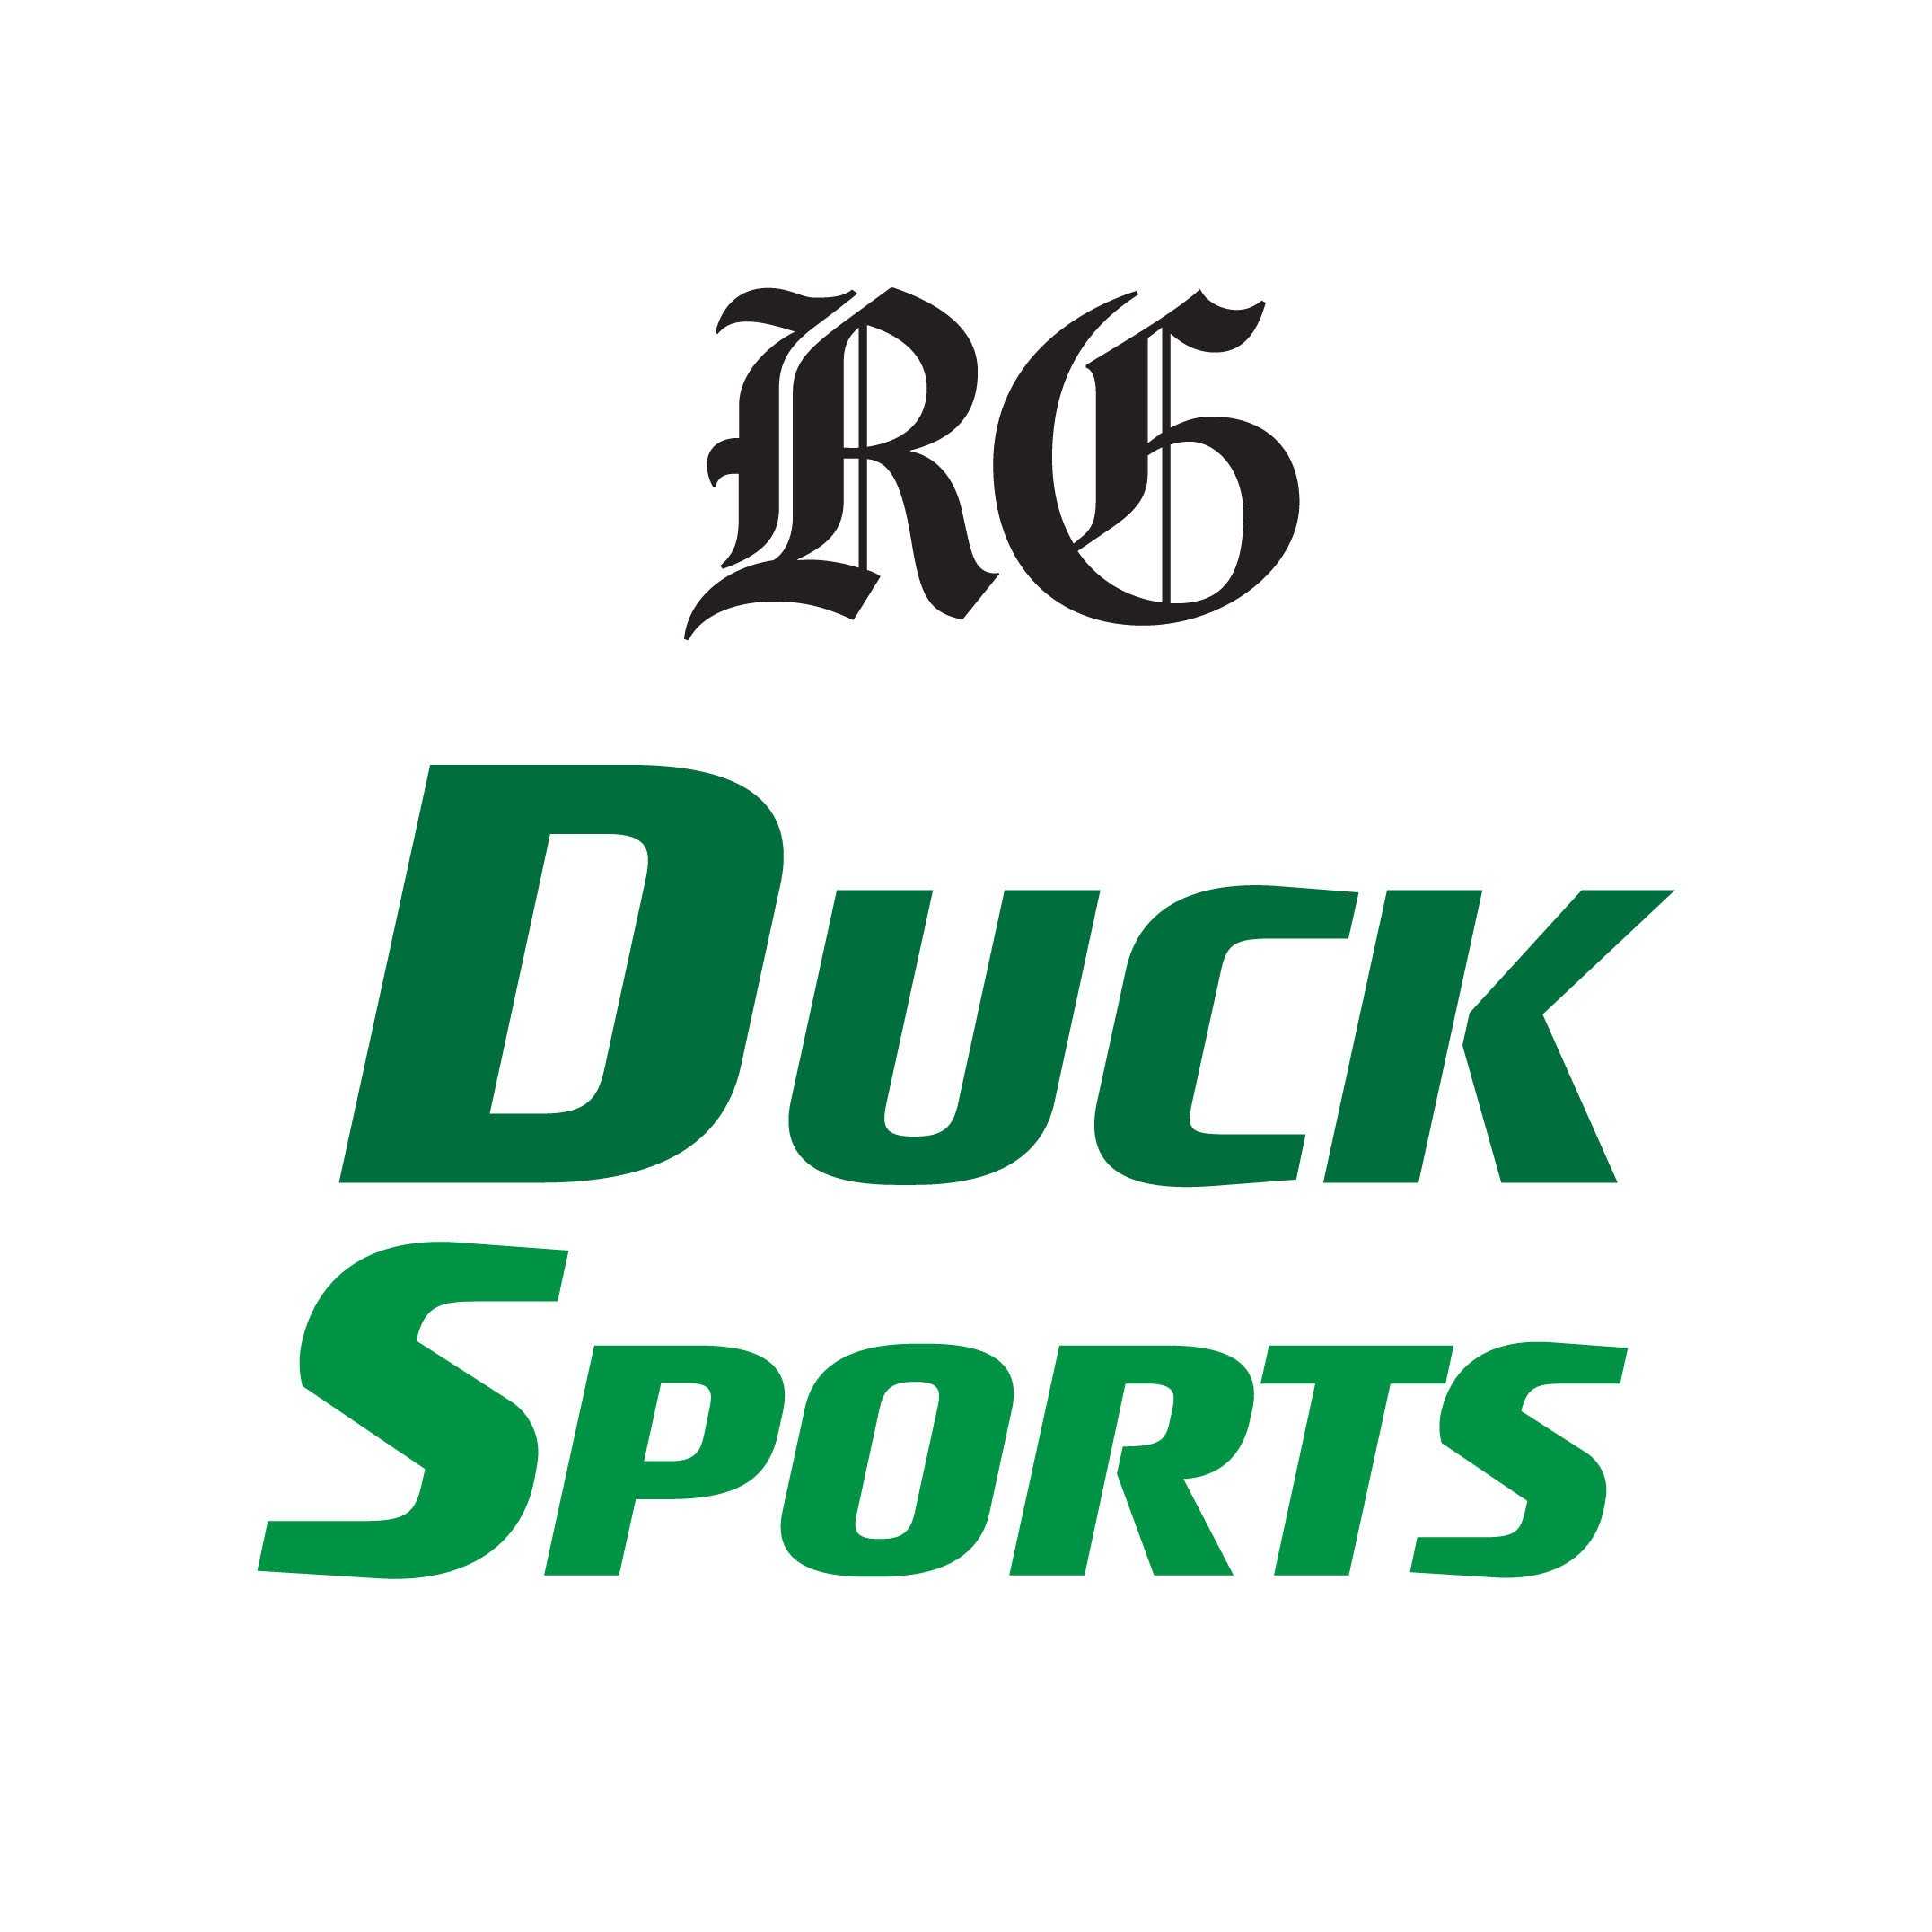 ducksports og logo